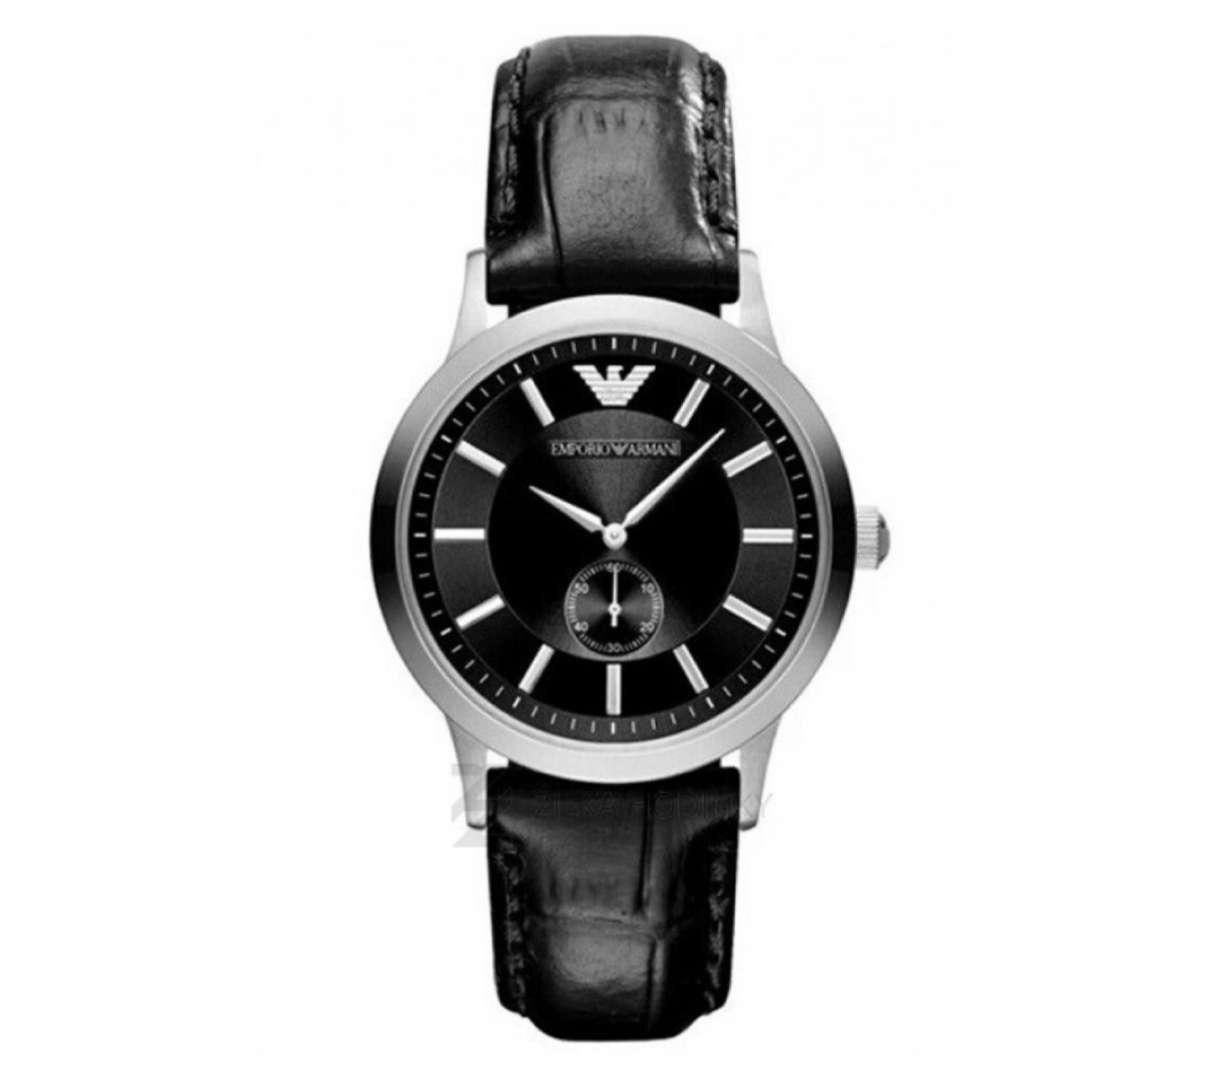 שעון יד אנלוגי לאישה emporio armani ar9100l אמפוריו ארמני